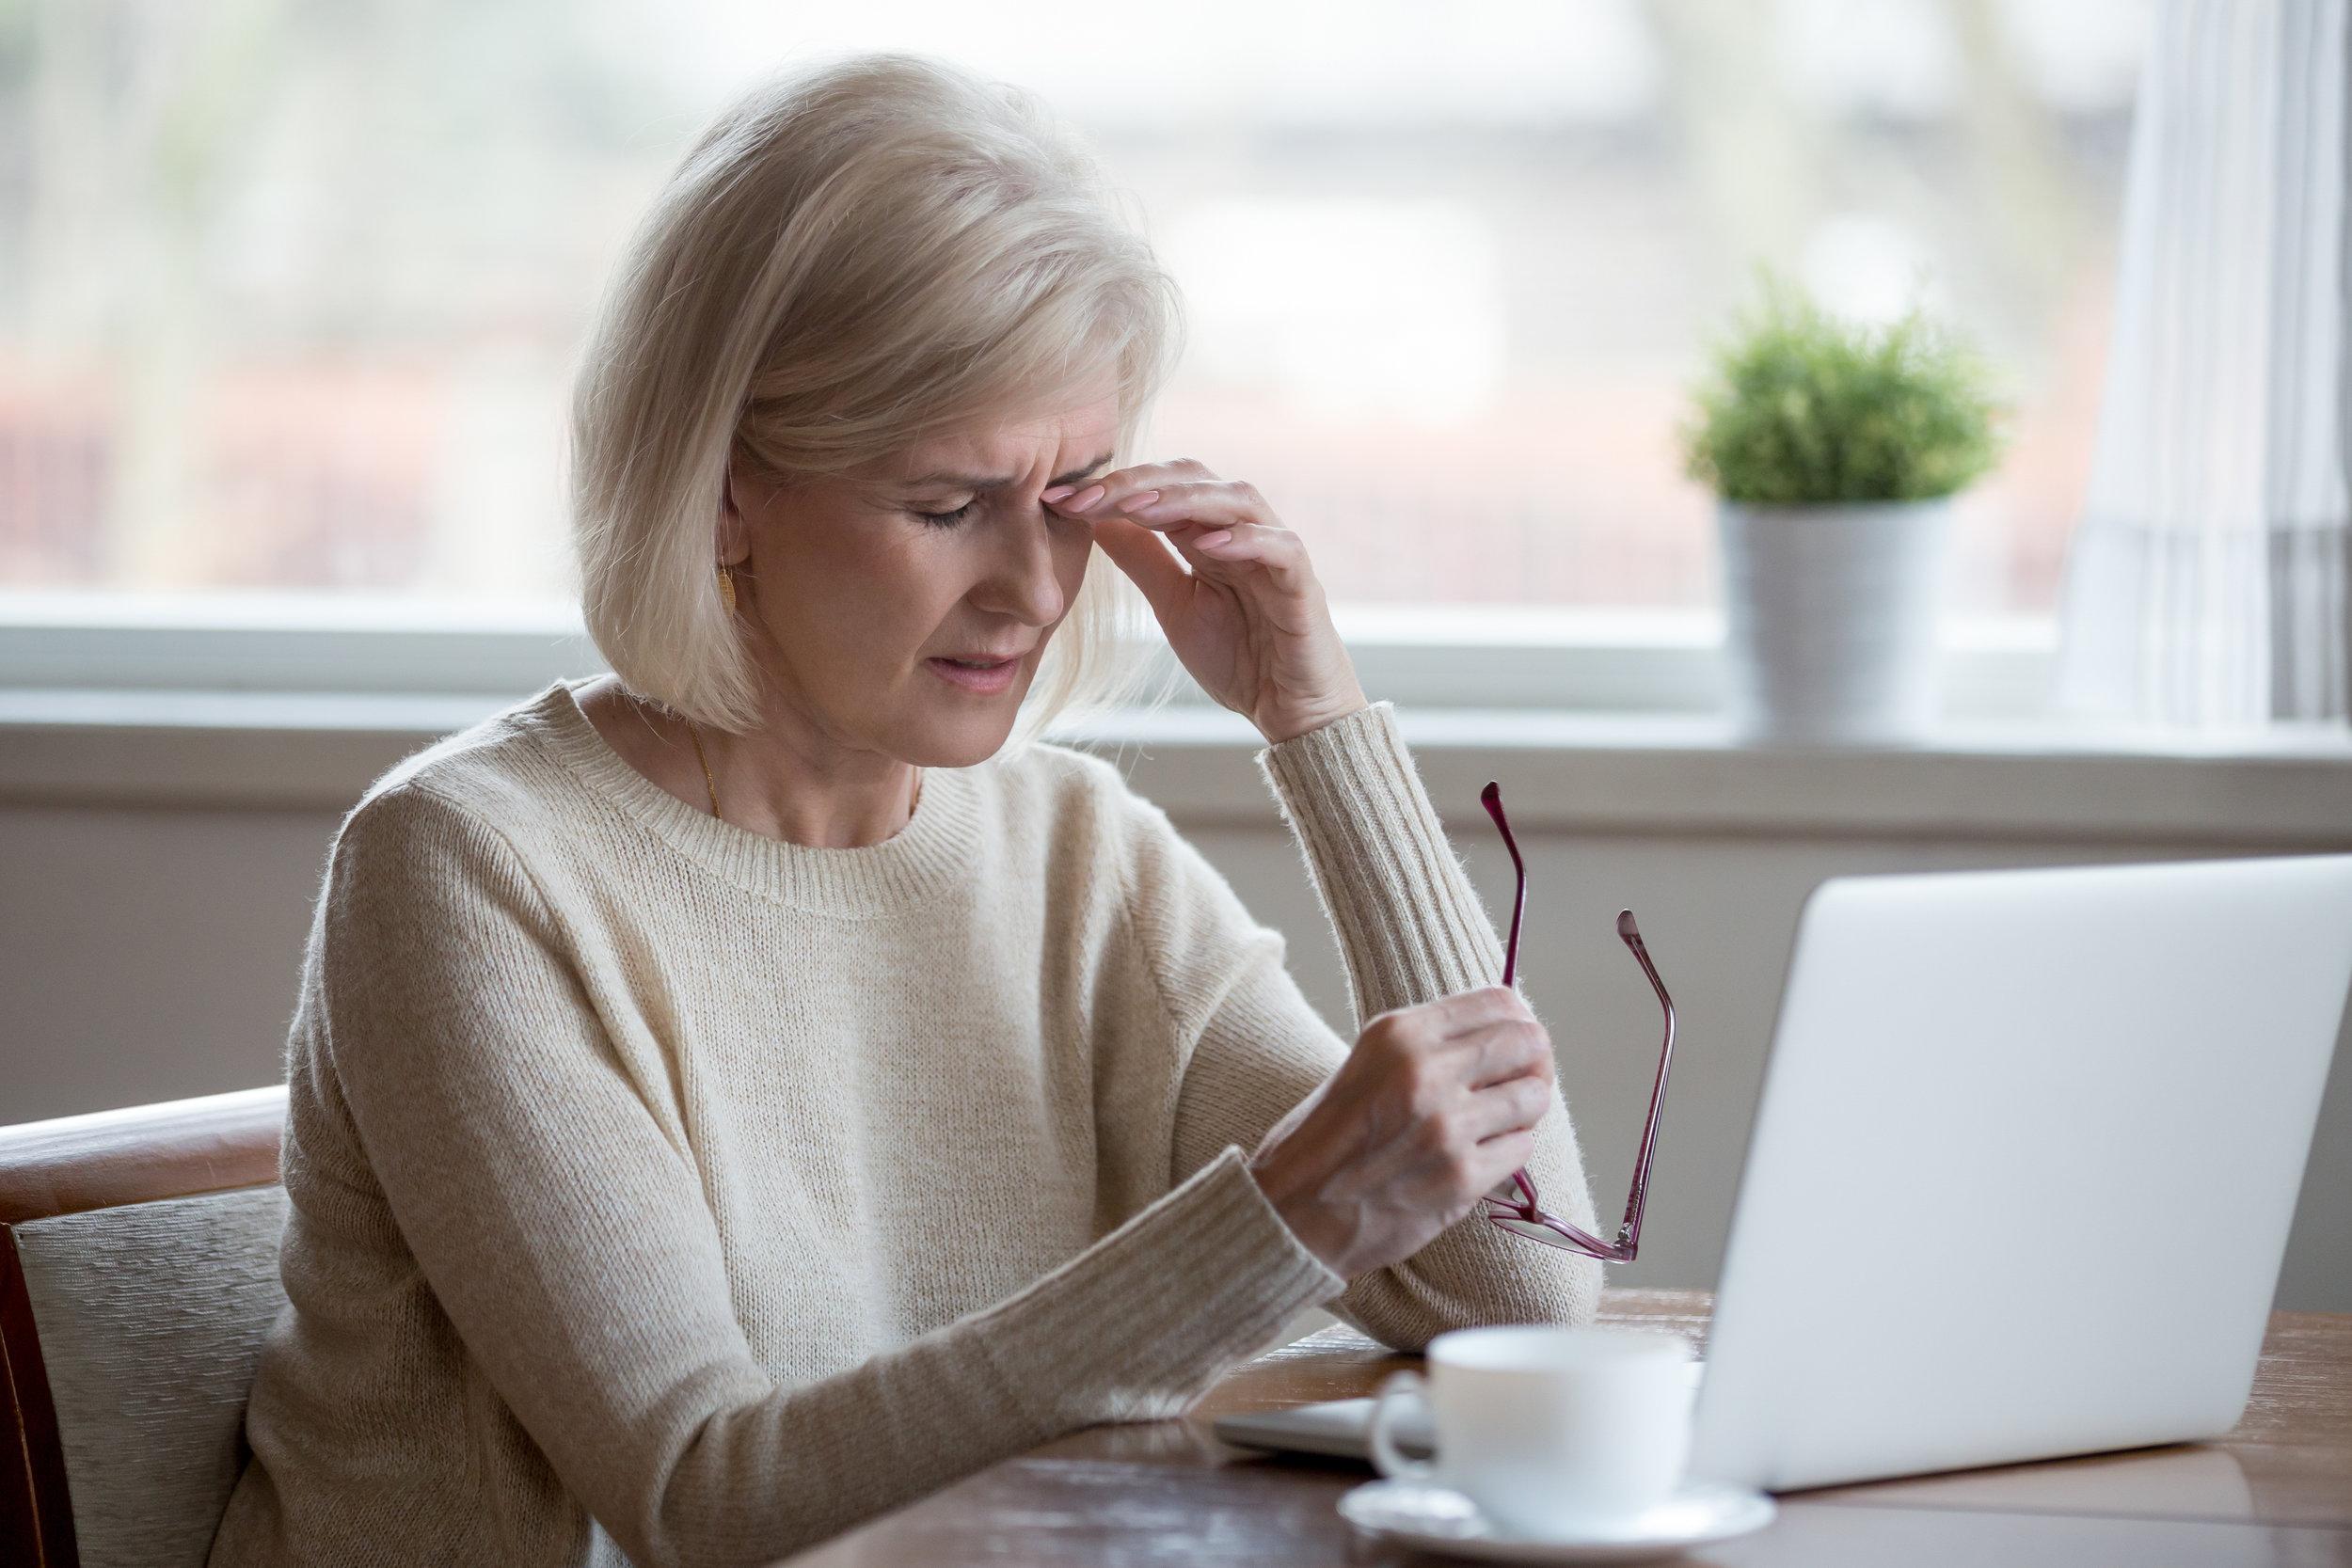 Belpharitis and Dry Eye